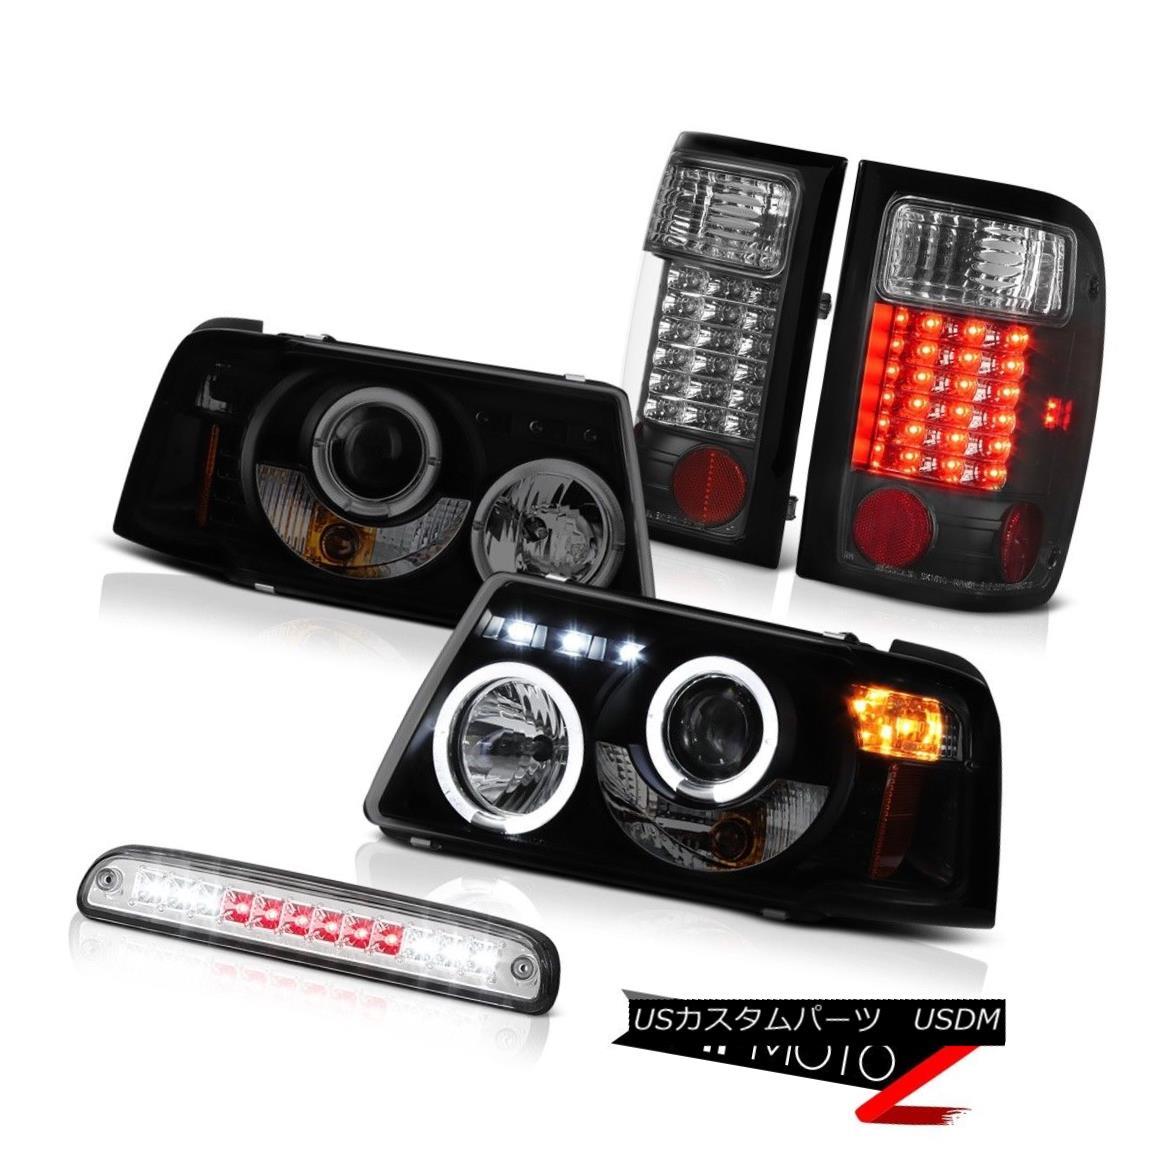 テールライト Sinister Black Headlight Brake LED Light Euro Third 2001-2011 Ford Ranger FX4 懐疑的なブラックヘッドライトブレーキLEDライトユーロ2001年から2011年のフォードレンジャーFX4